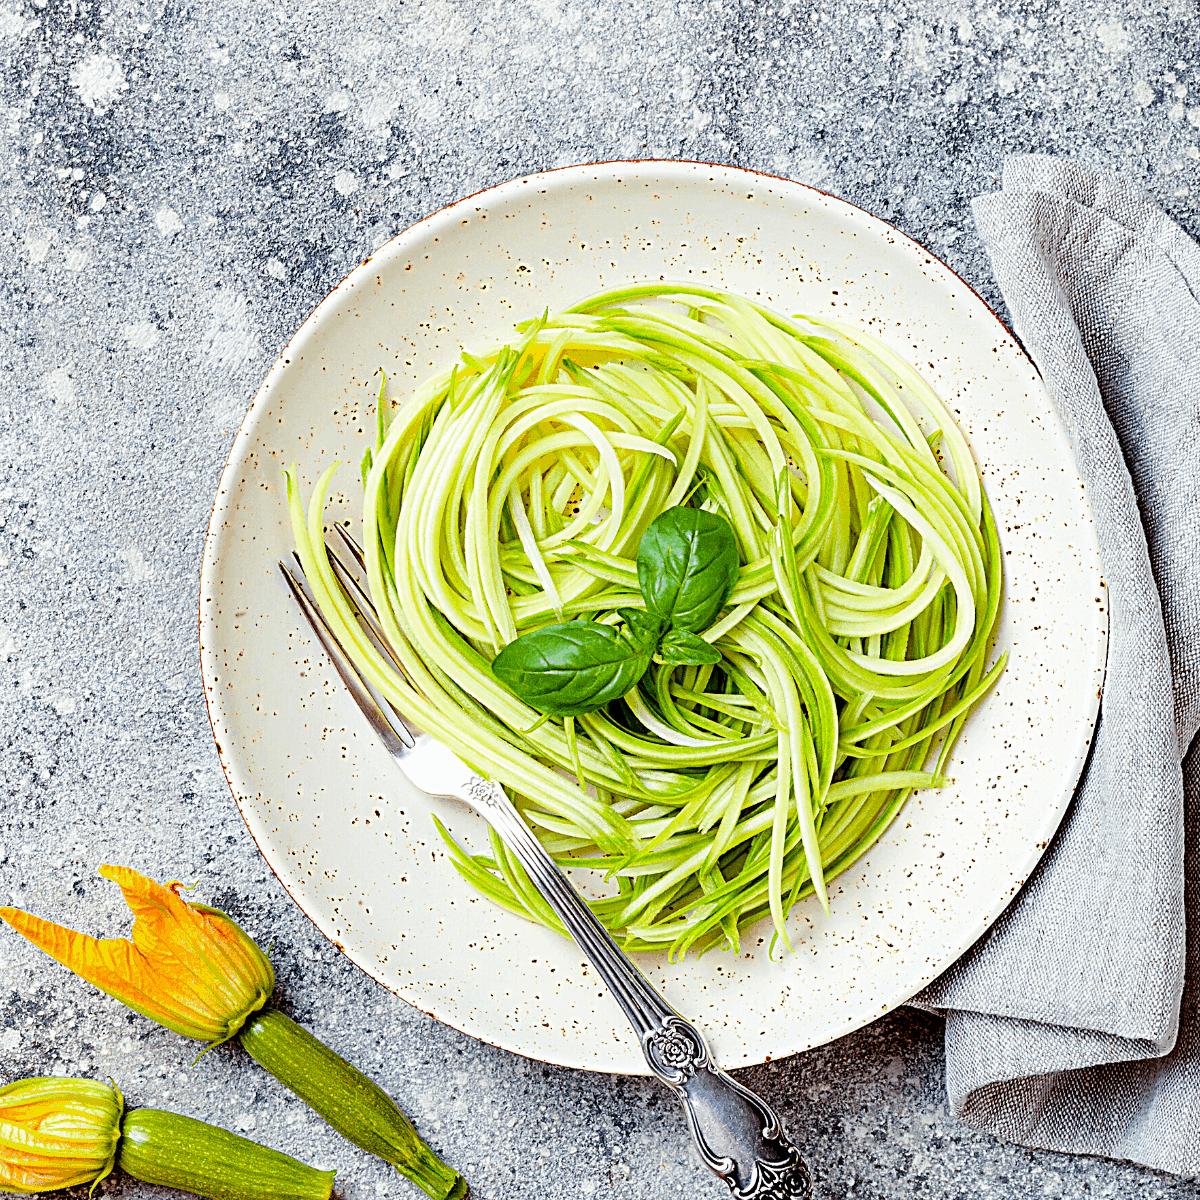 Zucchini Noodles FI